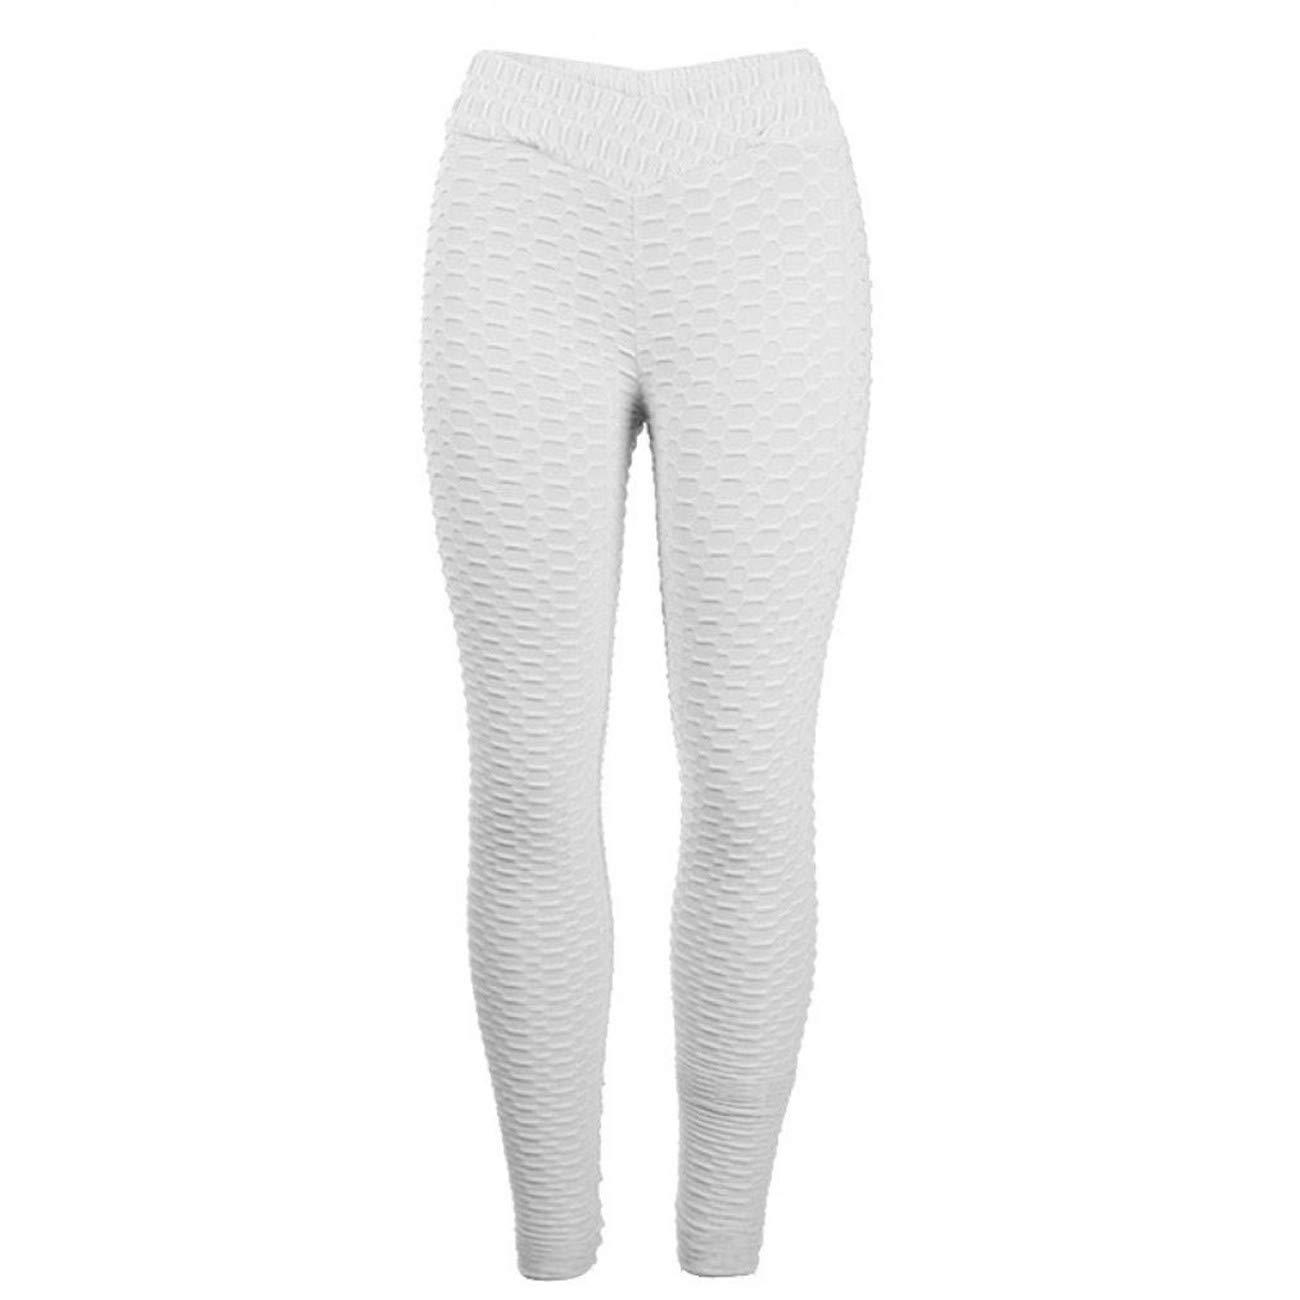 LHWY-Donna Estivi Alta Sottile Casual V Di Yoga Della Vita Sport Fitness Pantaloni Fianchi Di Yoga Anca